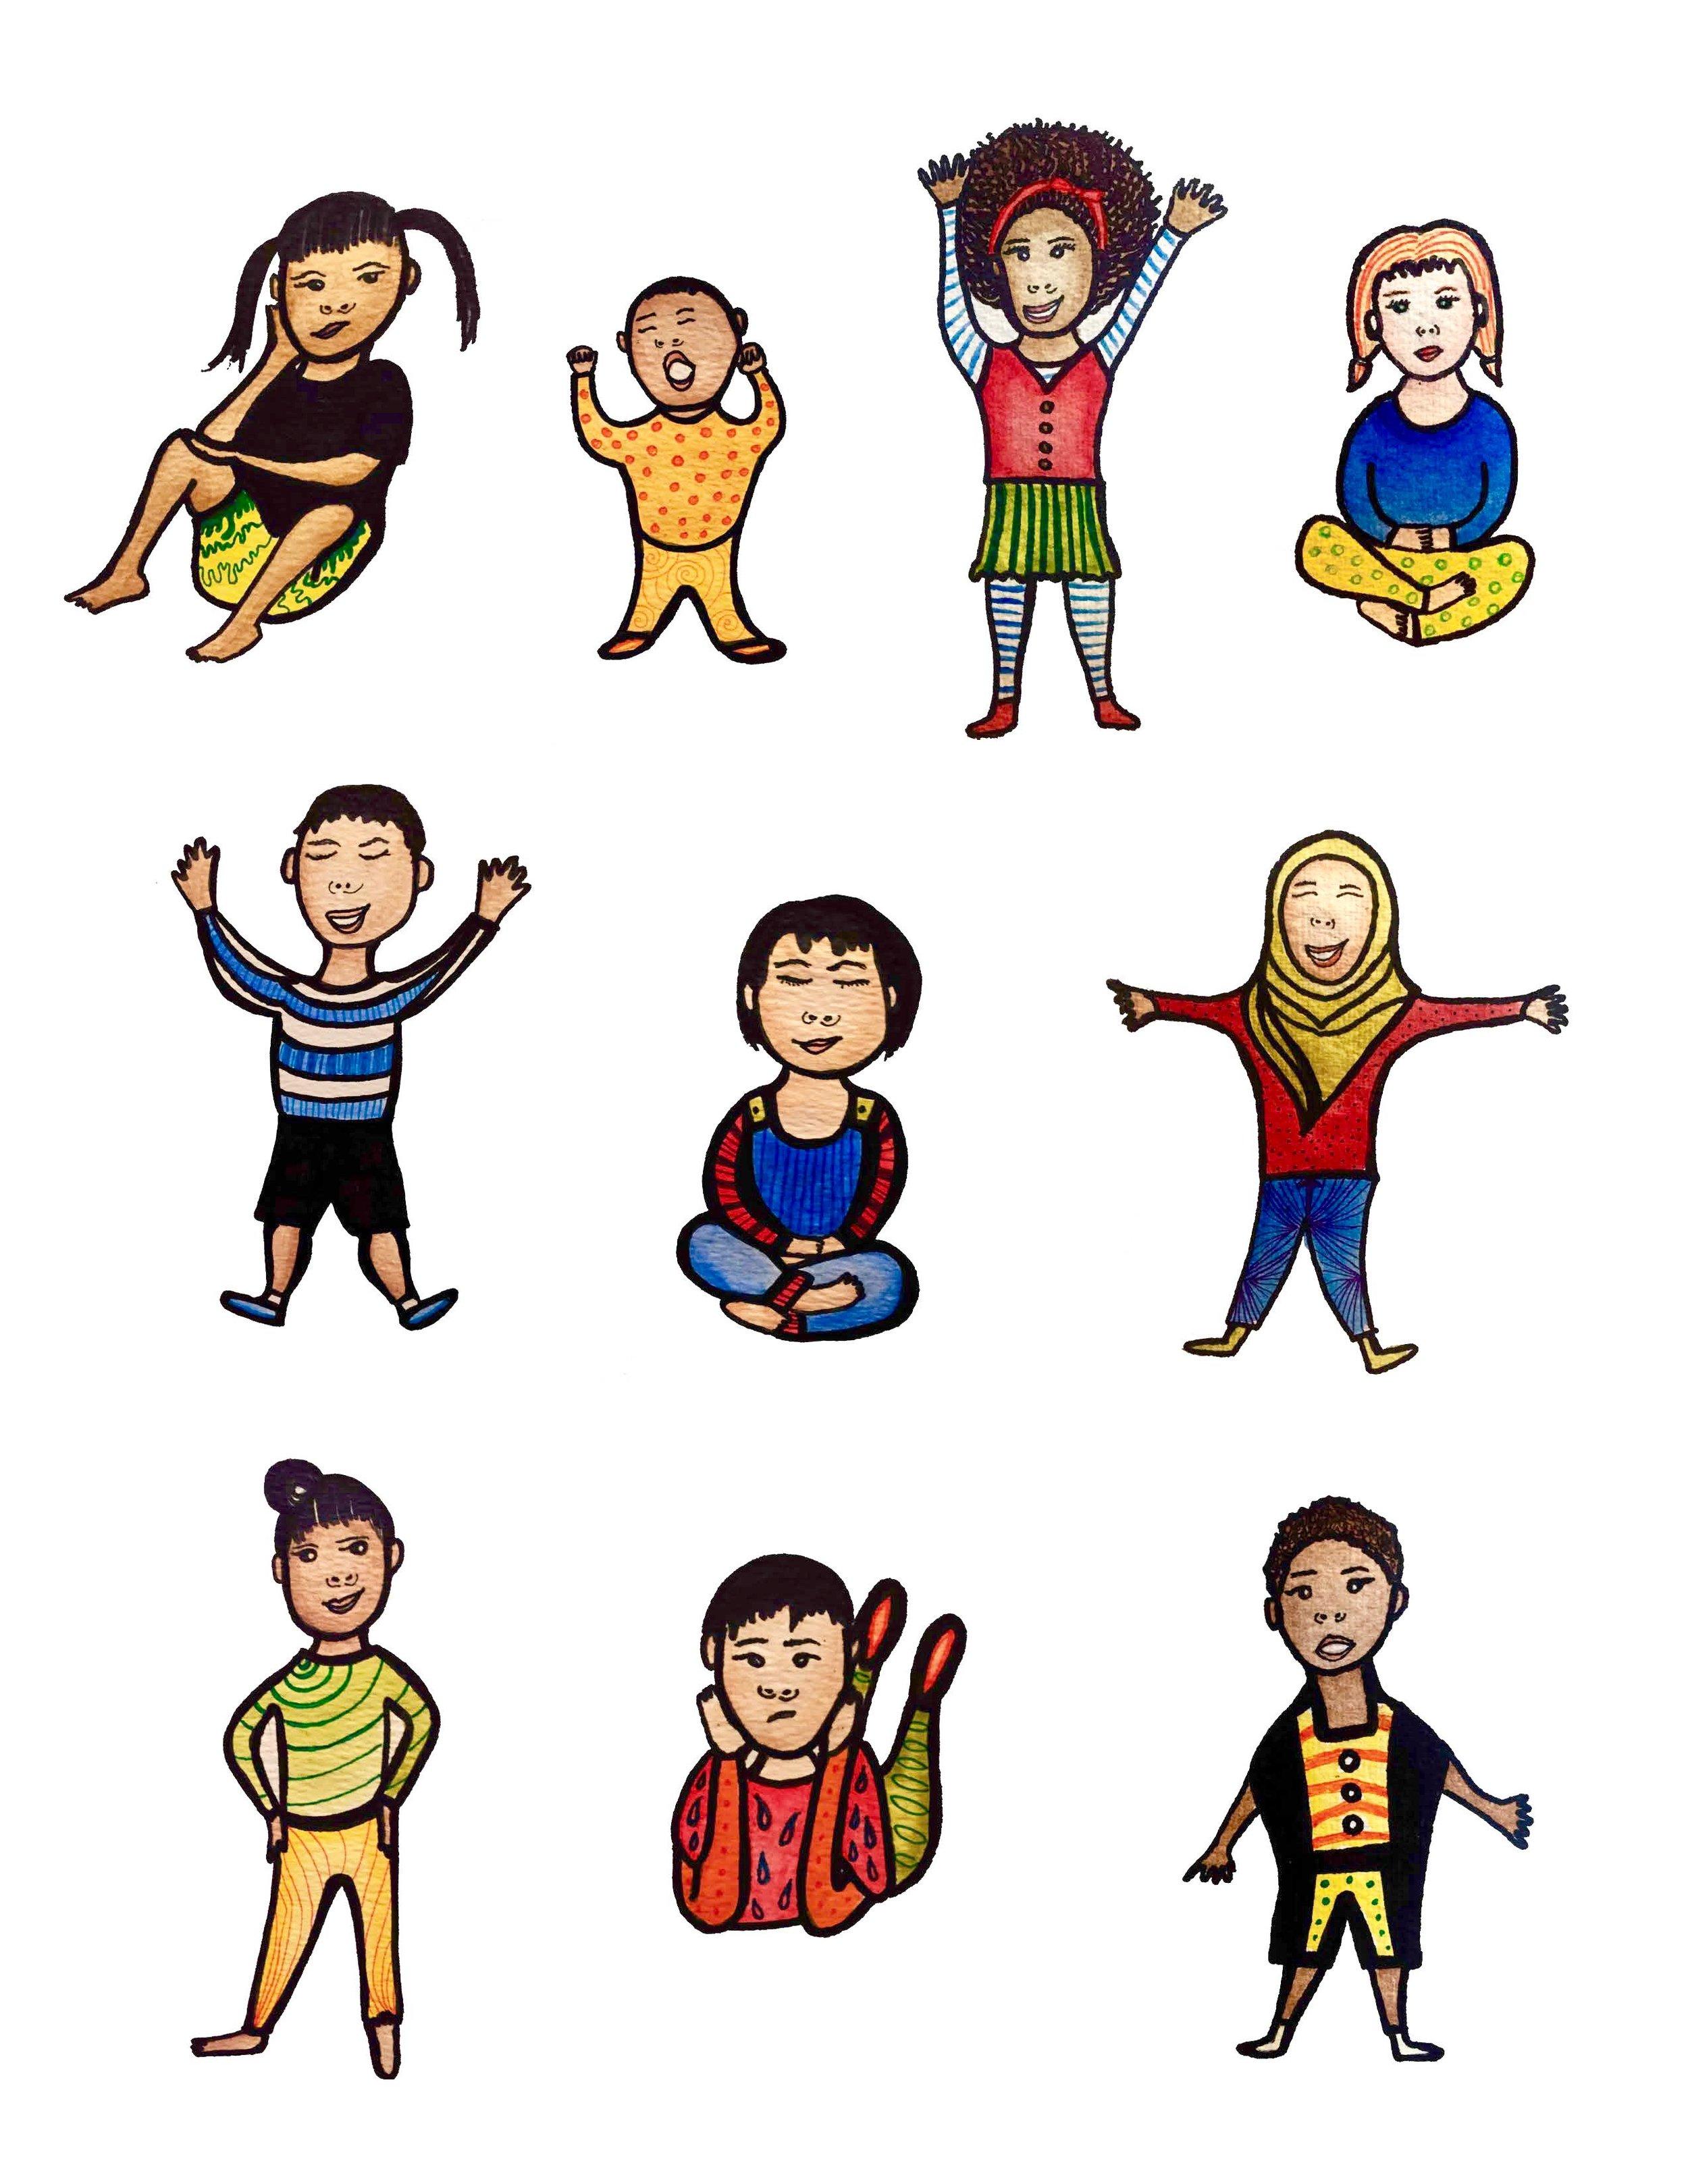 SSARKAR_illustrations (1).jpg